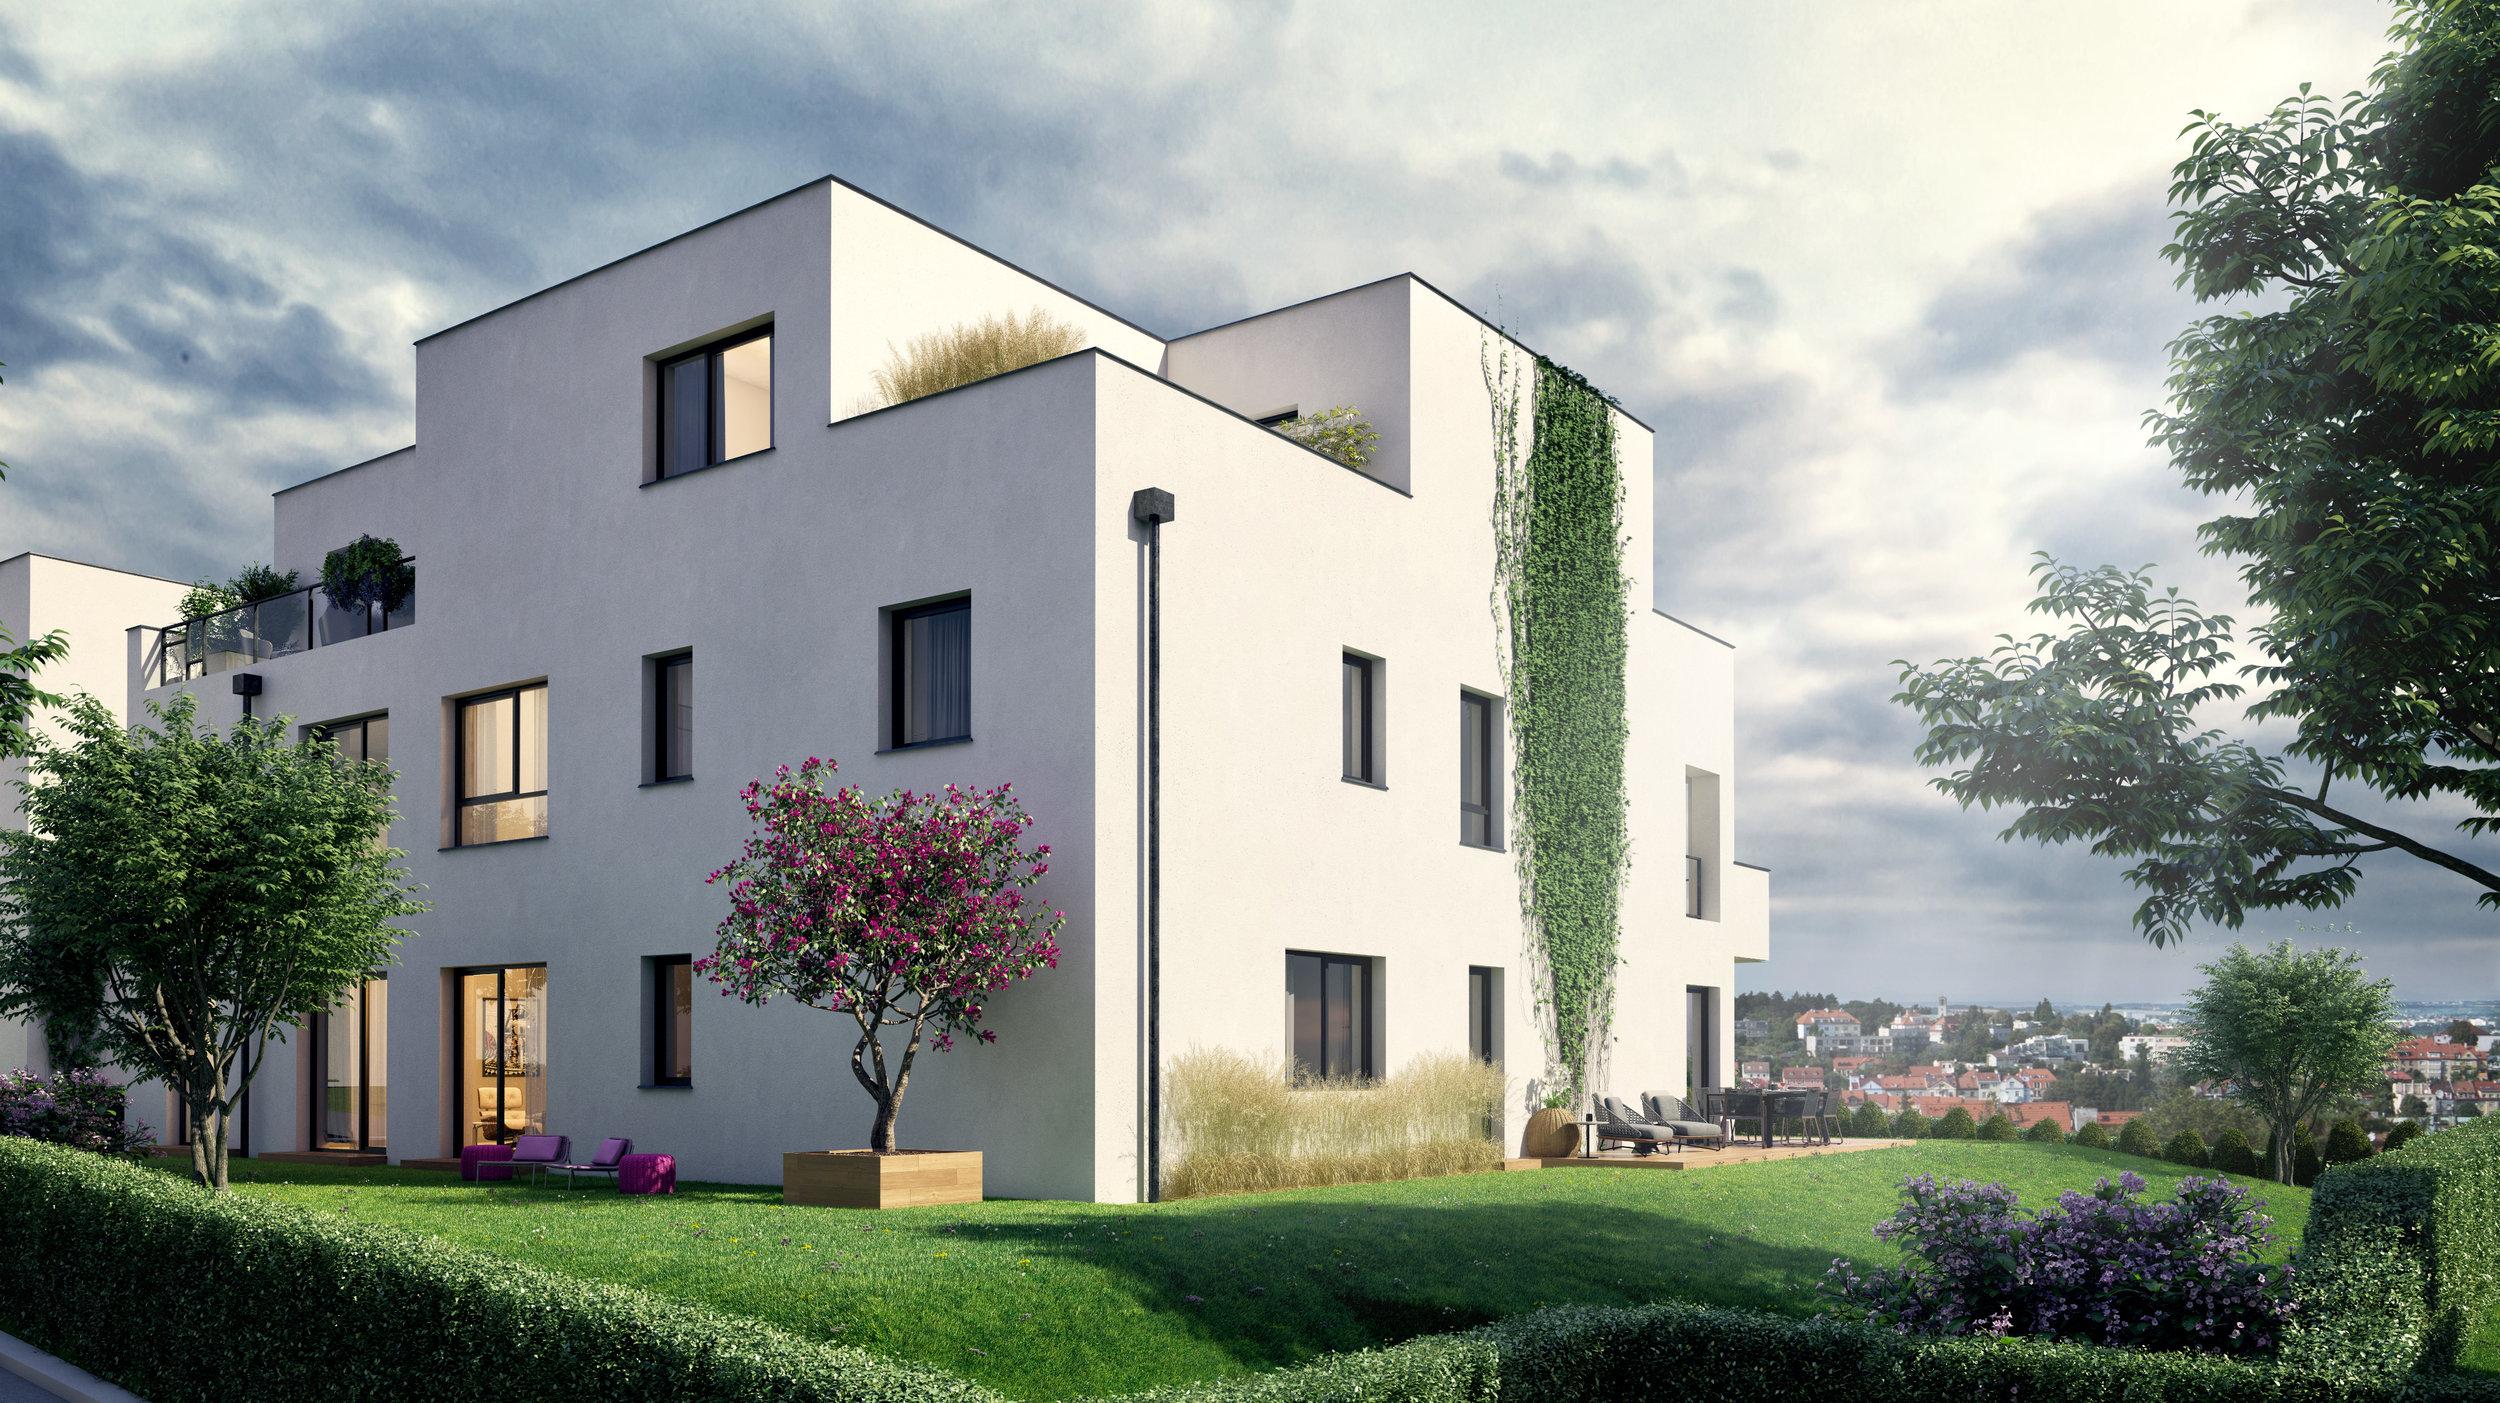 Bydlení na úrovni - Na výjimečné atmosféře bytu mají vedle lokality zásluhu i vysoké standardy provedení. Vysoké stropy a velká okna dají vašemu domovu vzdušnost a prostor, dva velké balkony ho volně propojí s udržovanou zelení kolem domu. V mimořádné kvalitě je také veškeré vybavení od dřevěných podlah po designové zařízení koupelen.